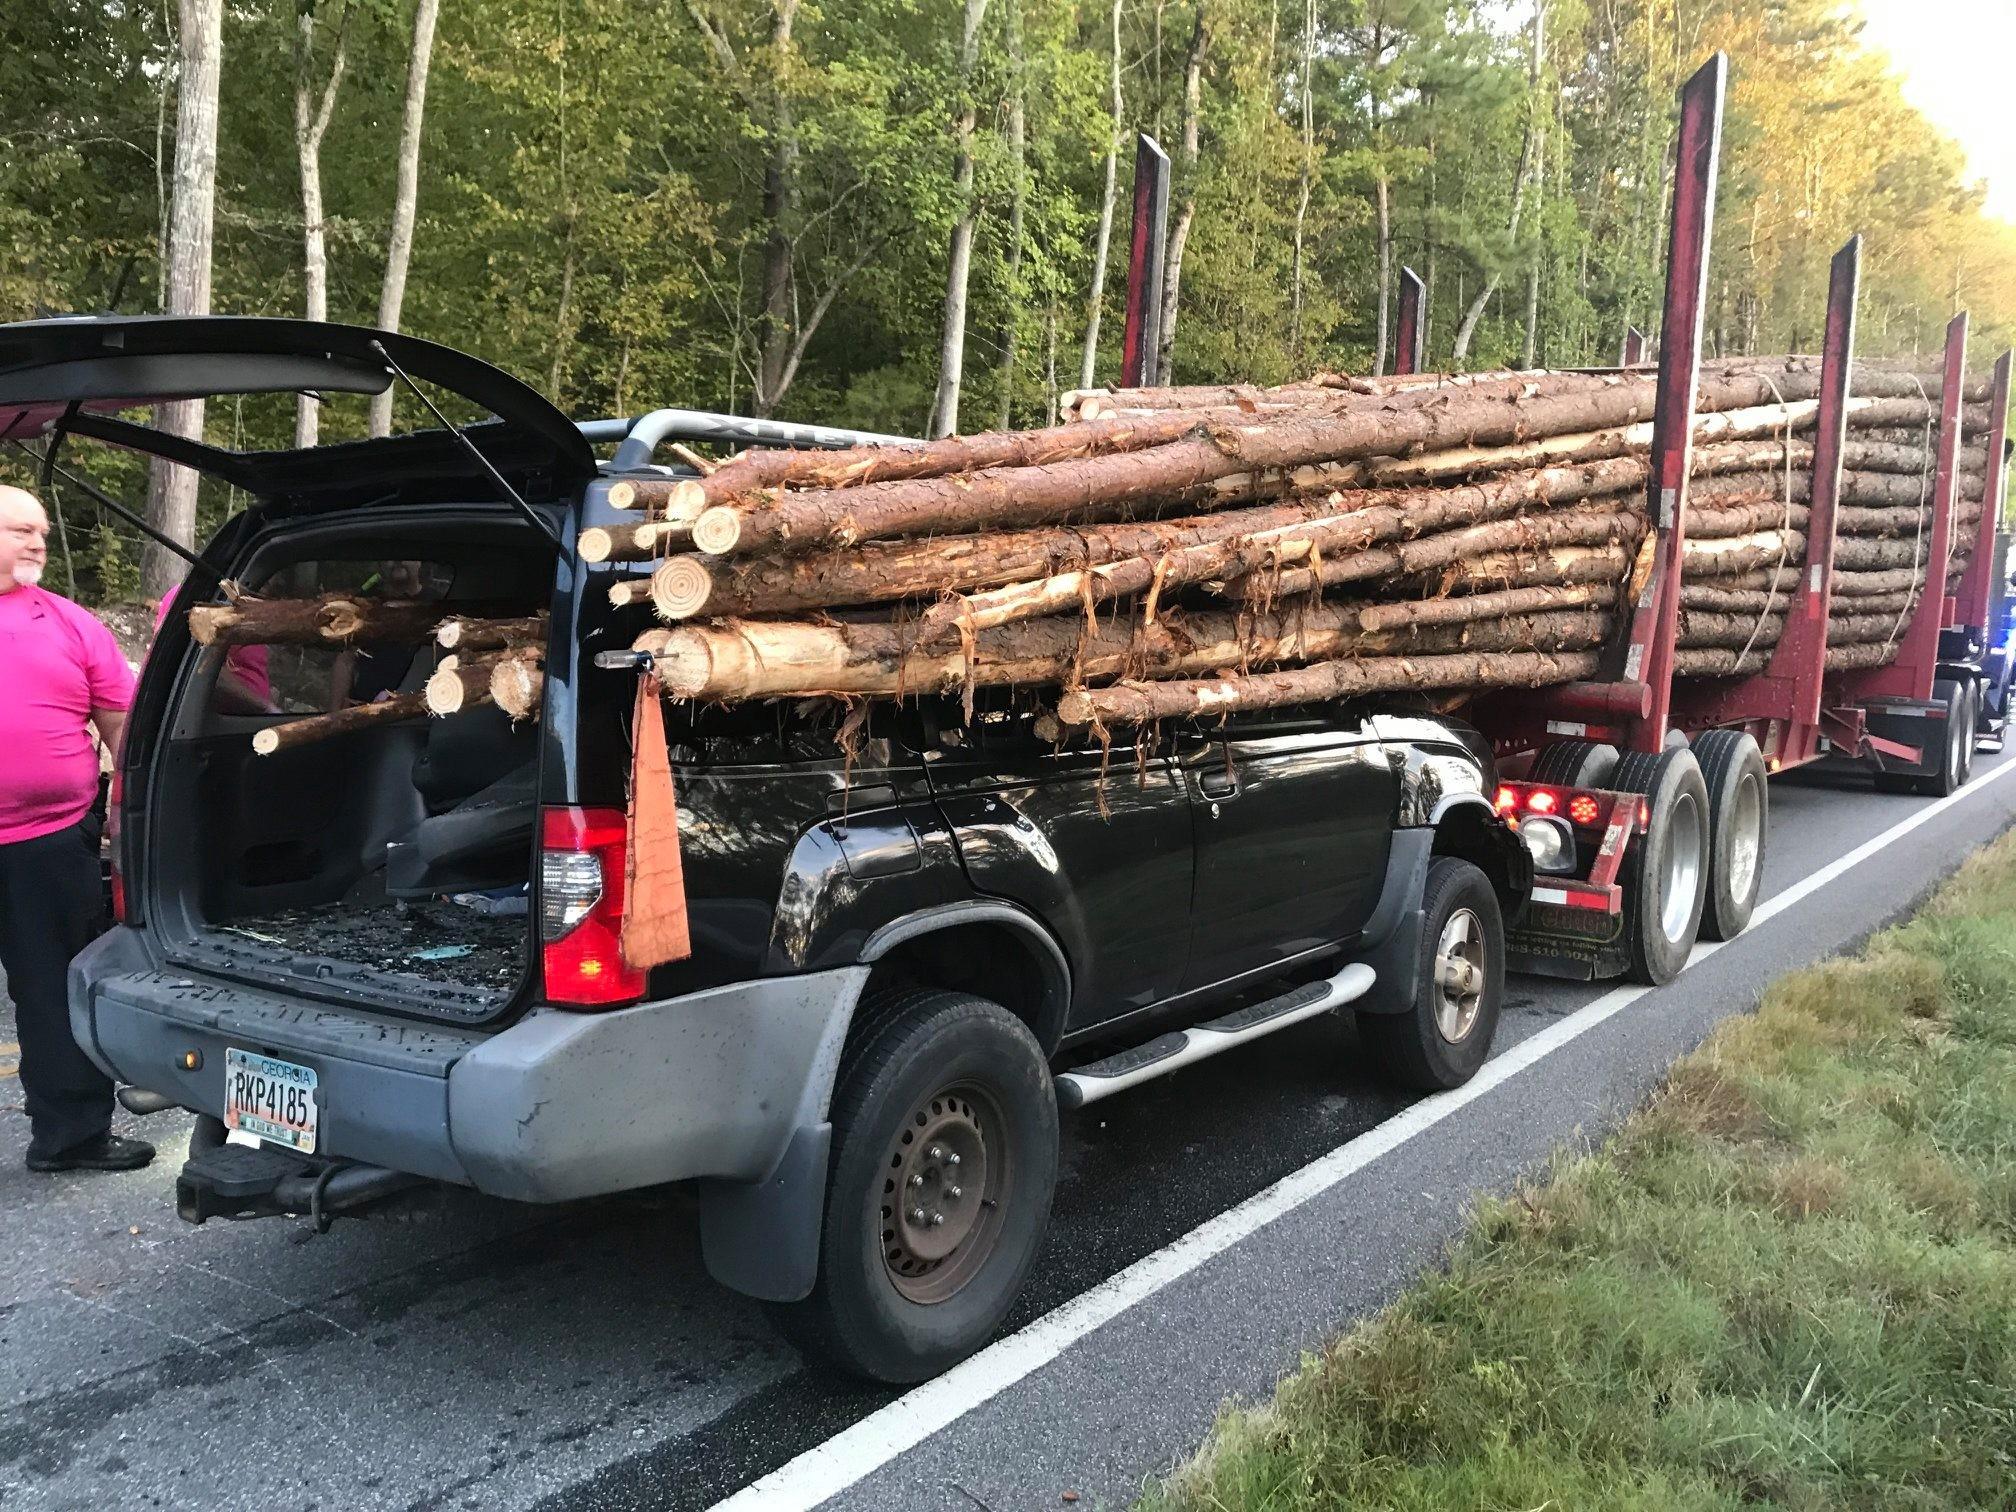 ▲原木貫穿車體。(圖/翻攝自Facebook/Whitfield County Fire)